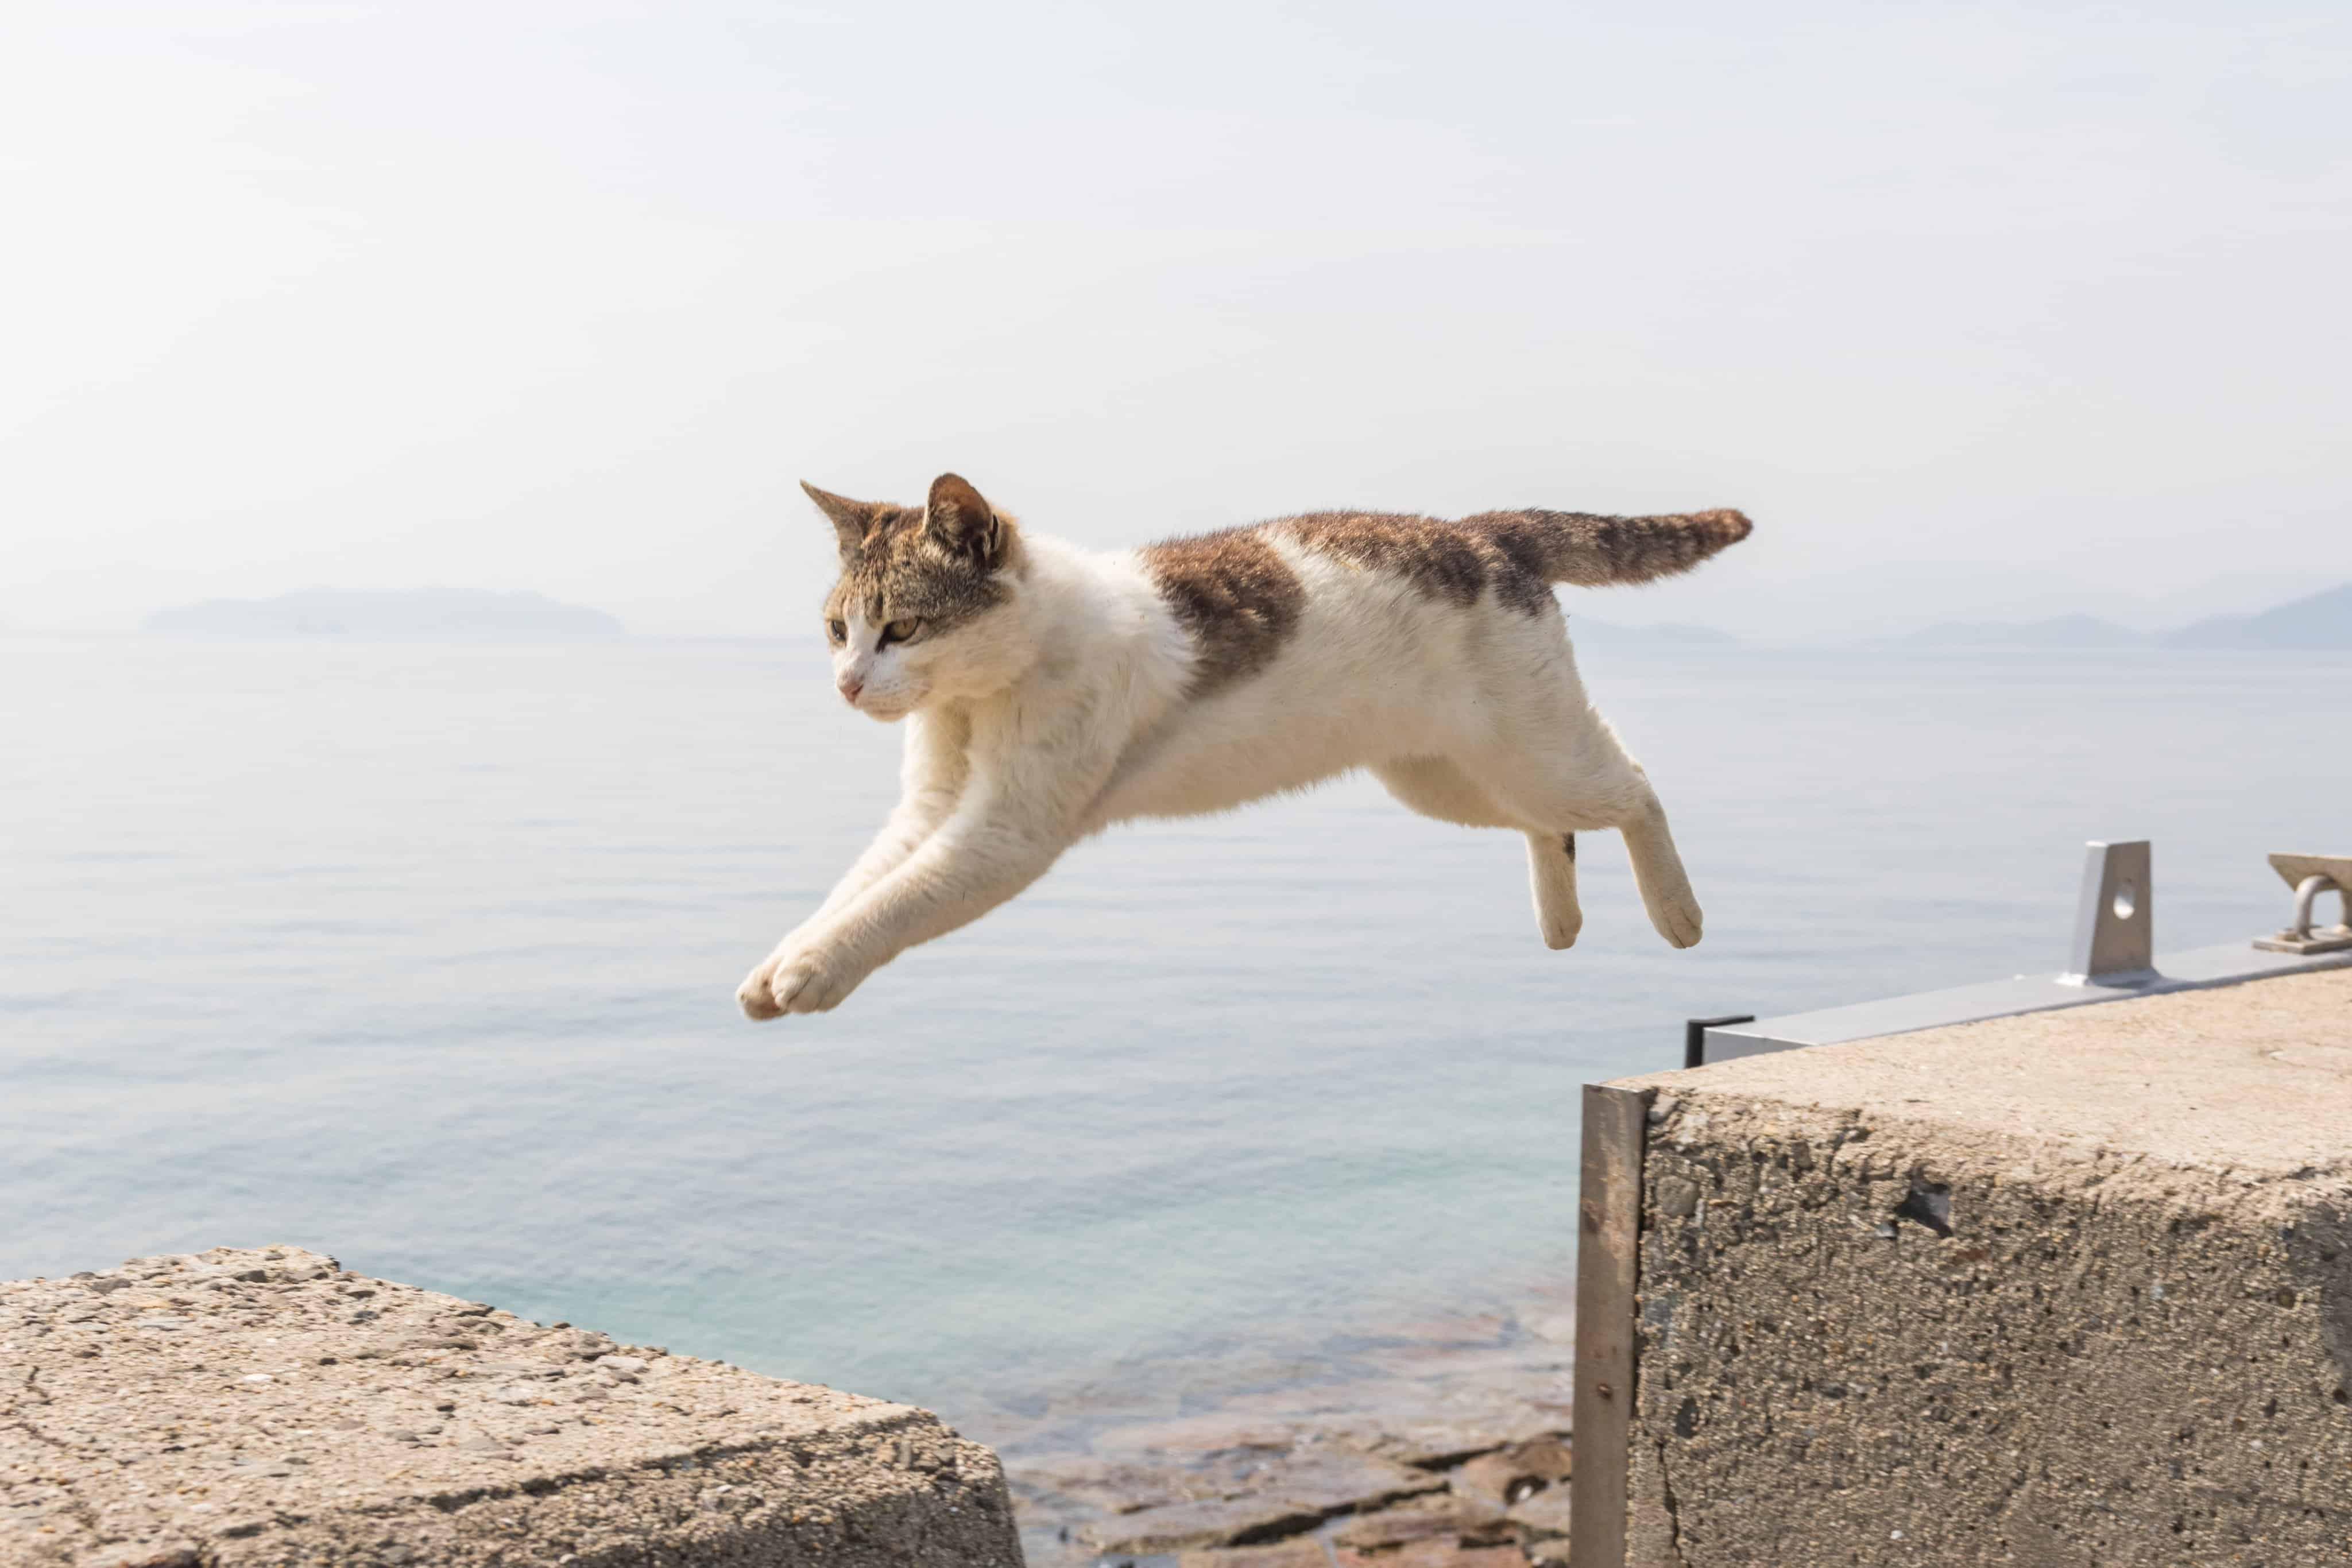 เกาะ แมว ญี่ปุ่น : เกาะซานากิจิมะ จังหวัดคางาวะ (Sanagijima, Kagawa)